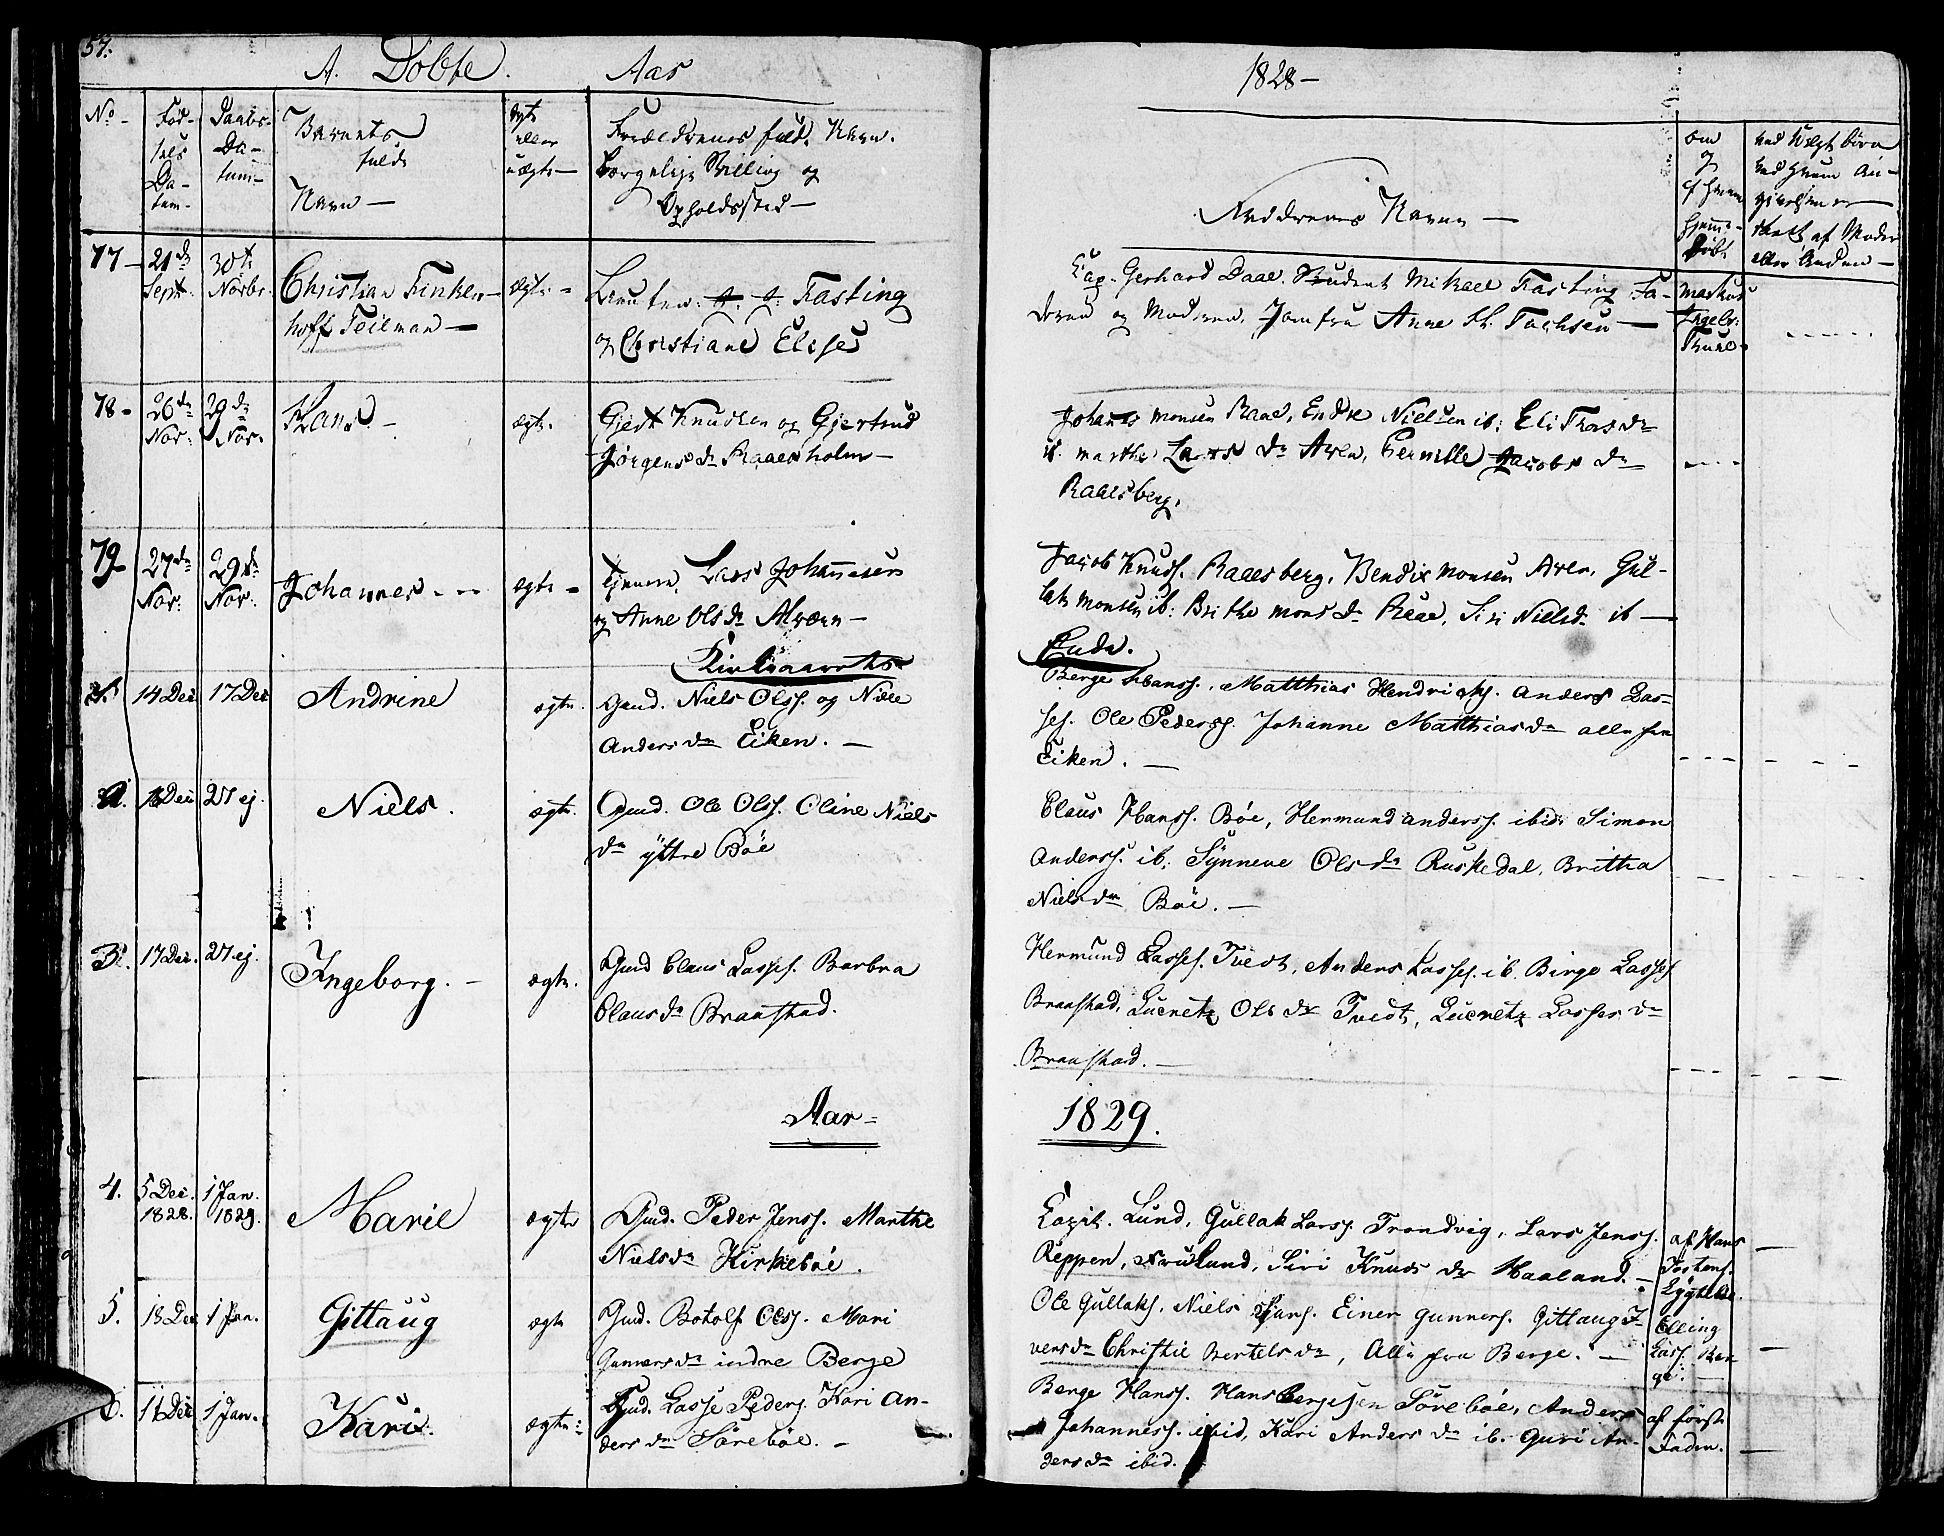 SAB, Lavik sokneprestembete, Ministerialbok nr. A 2I, 1821-1842, s. 57